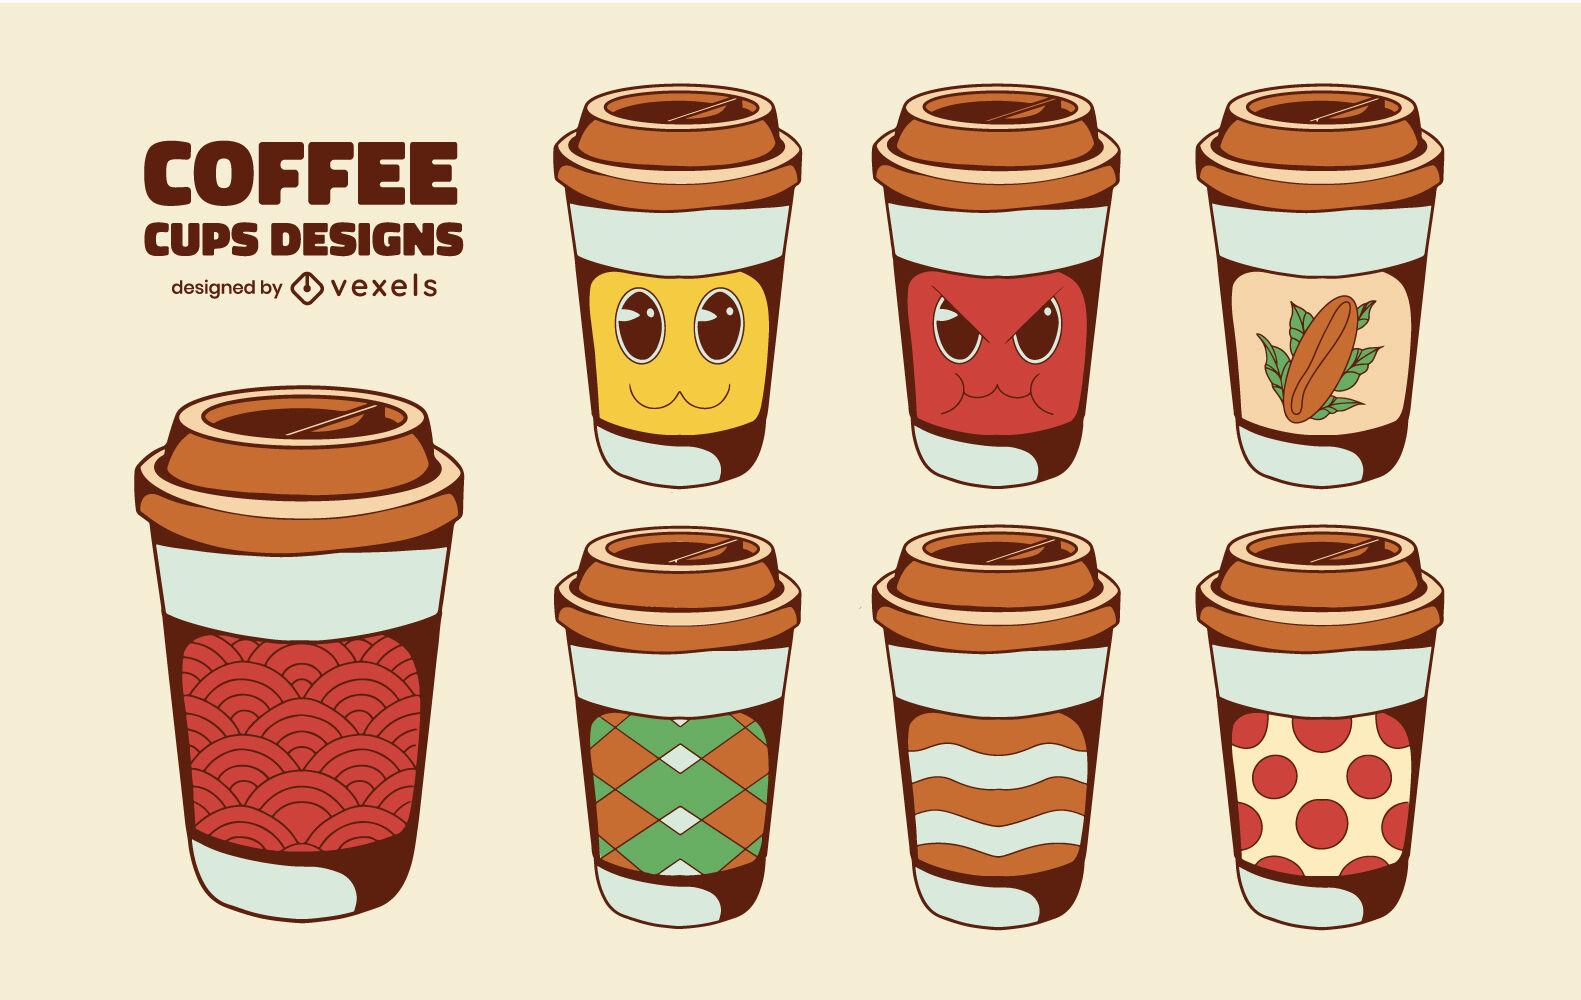 Juego de bebidas de diseños de tazas de café desechables.